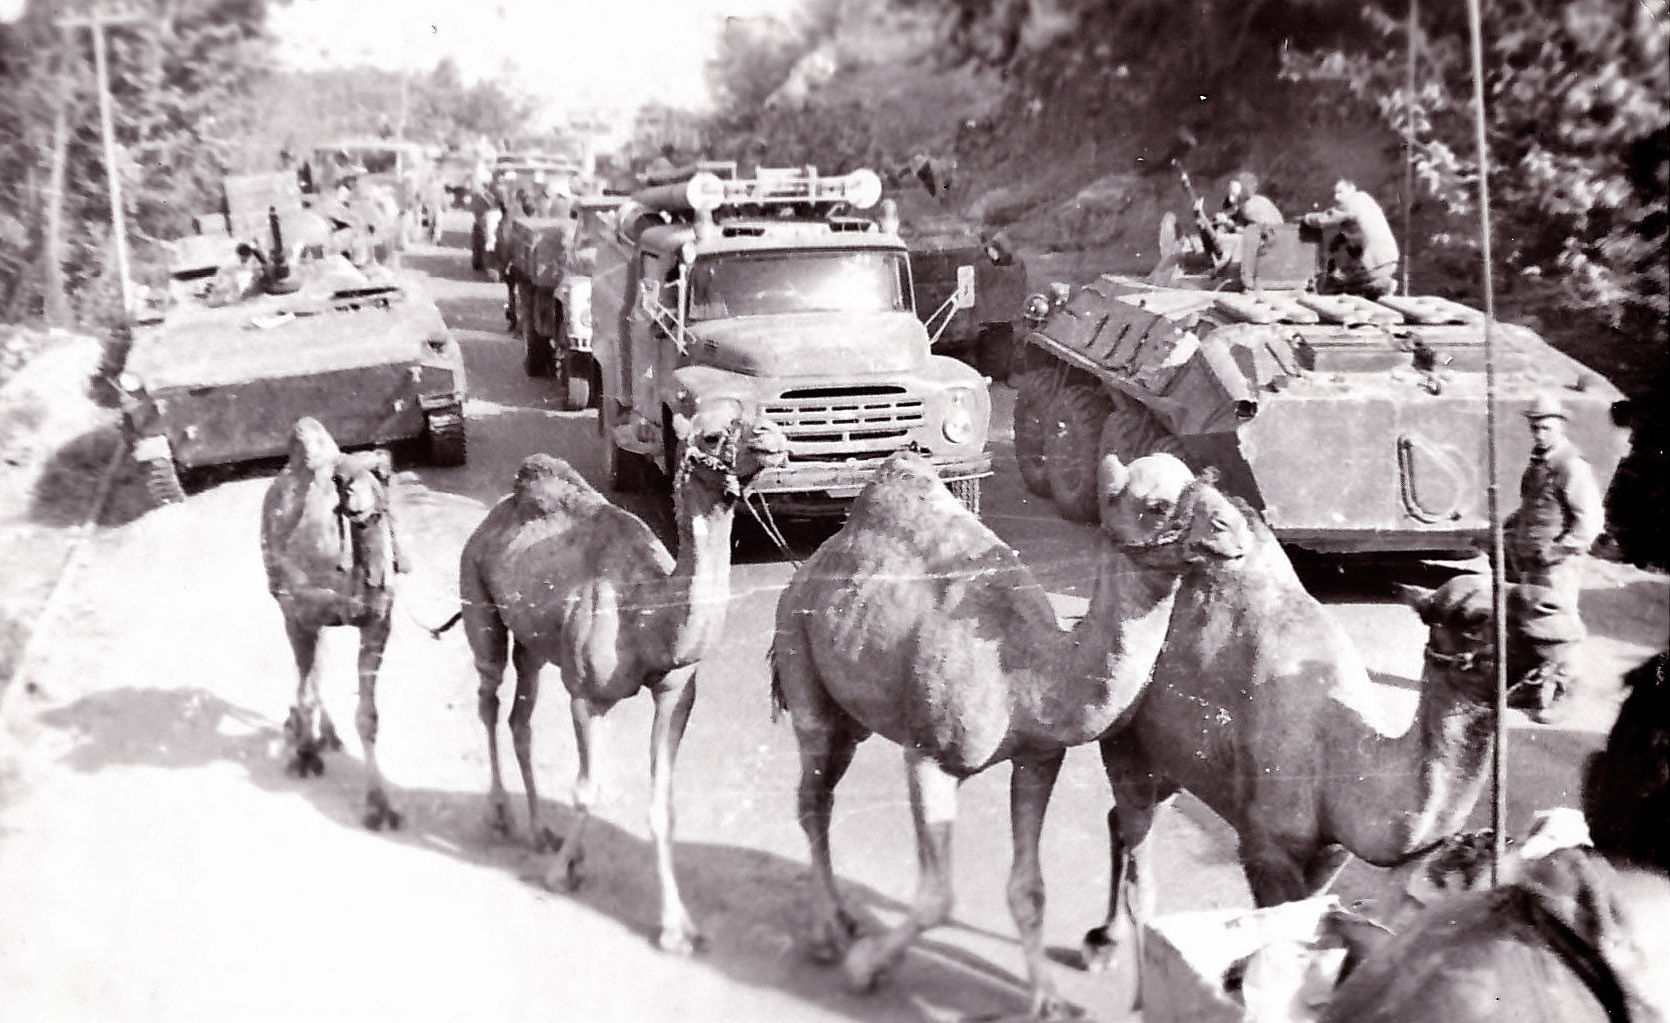 29 октября 1981 года второй мусульманский батальон был введен в северную провинцию Афганистана  Фарьяб